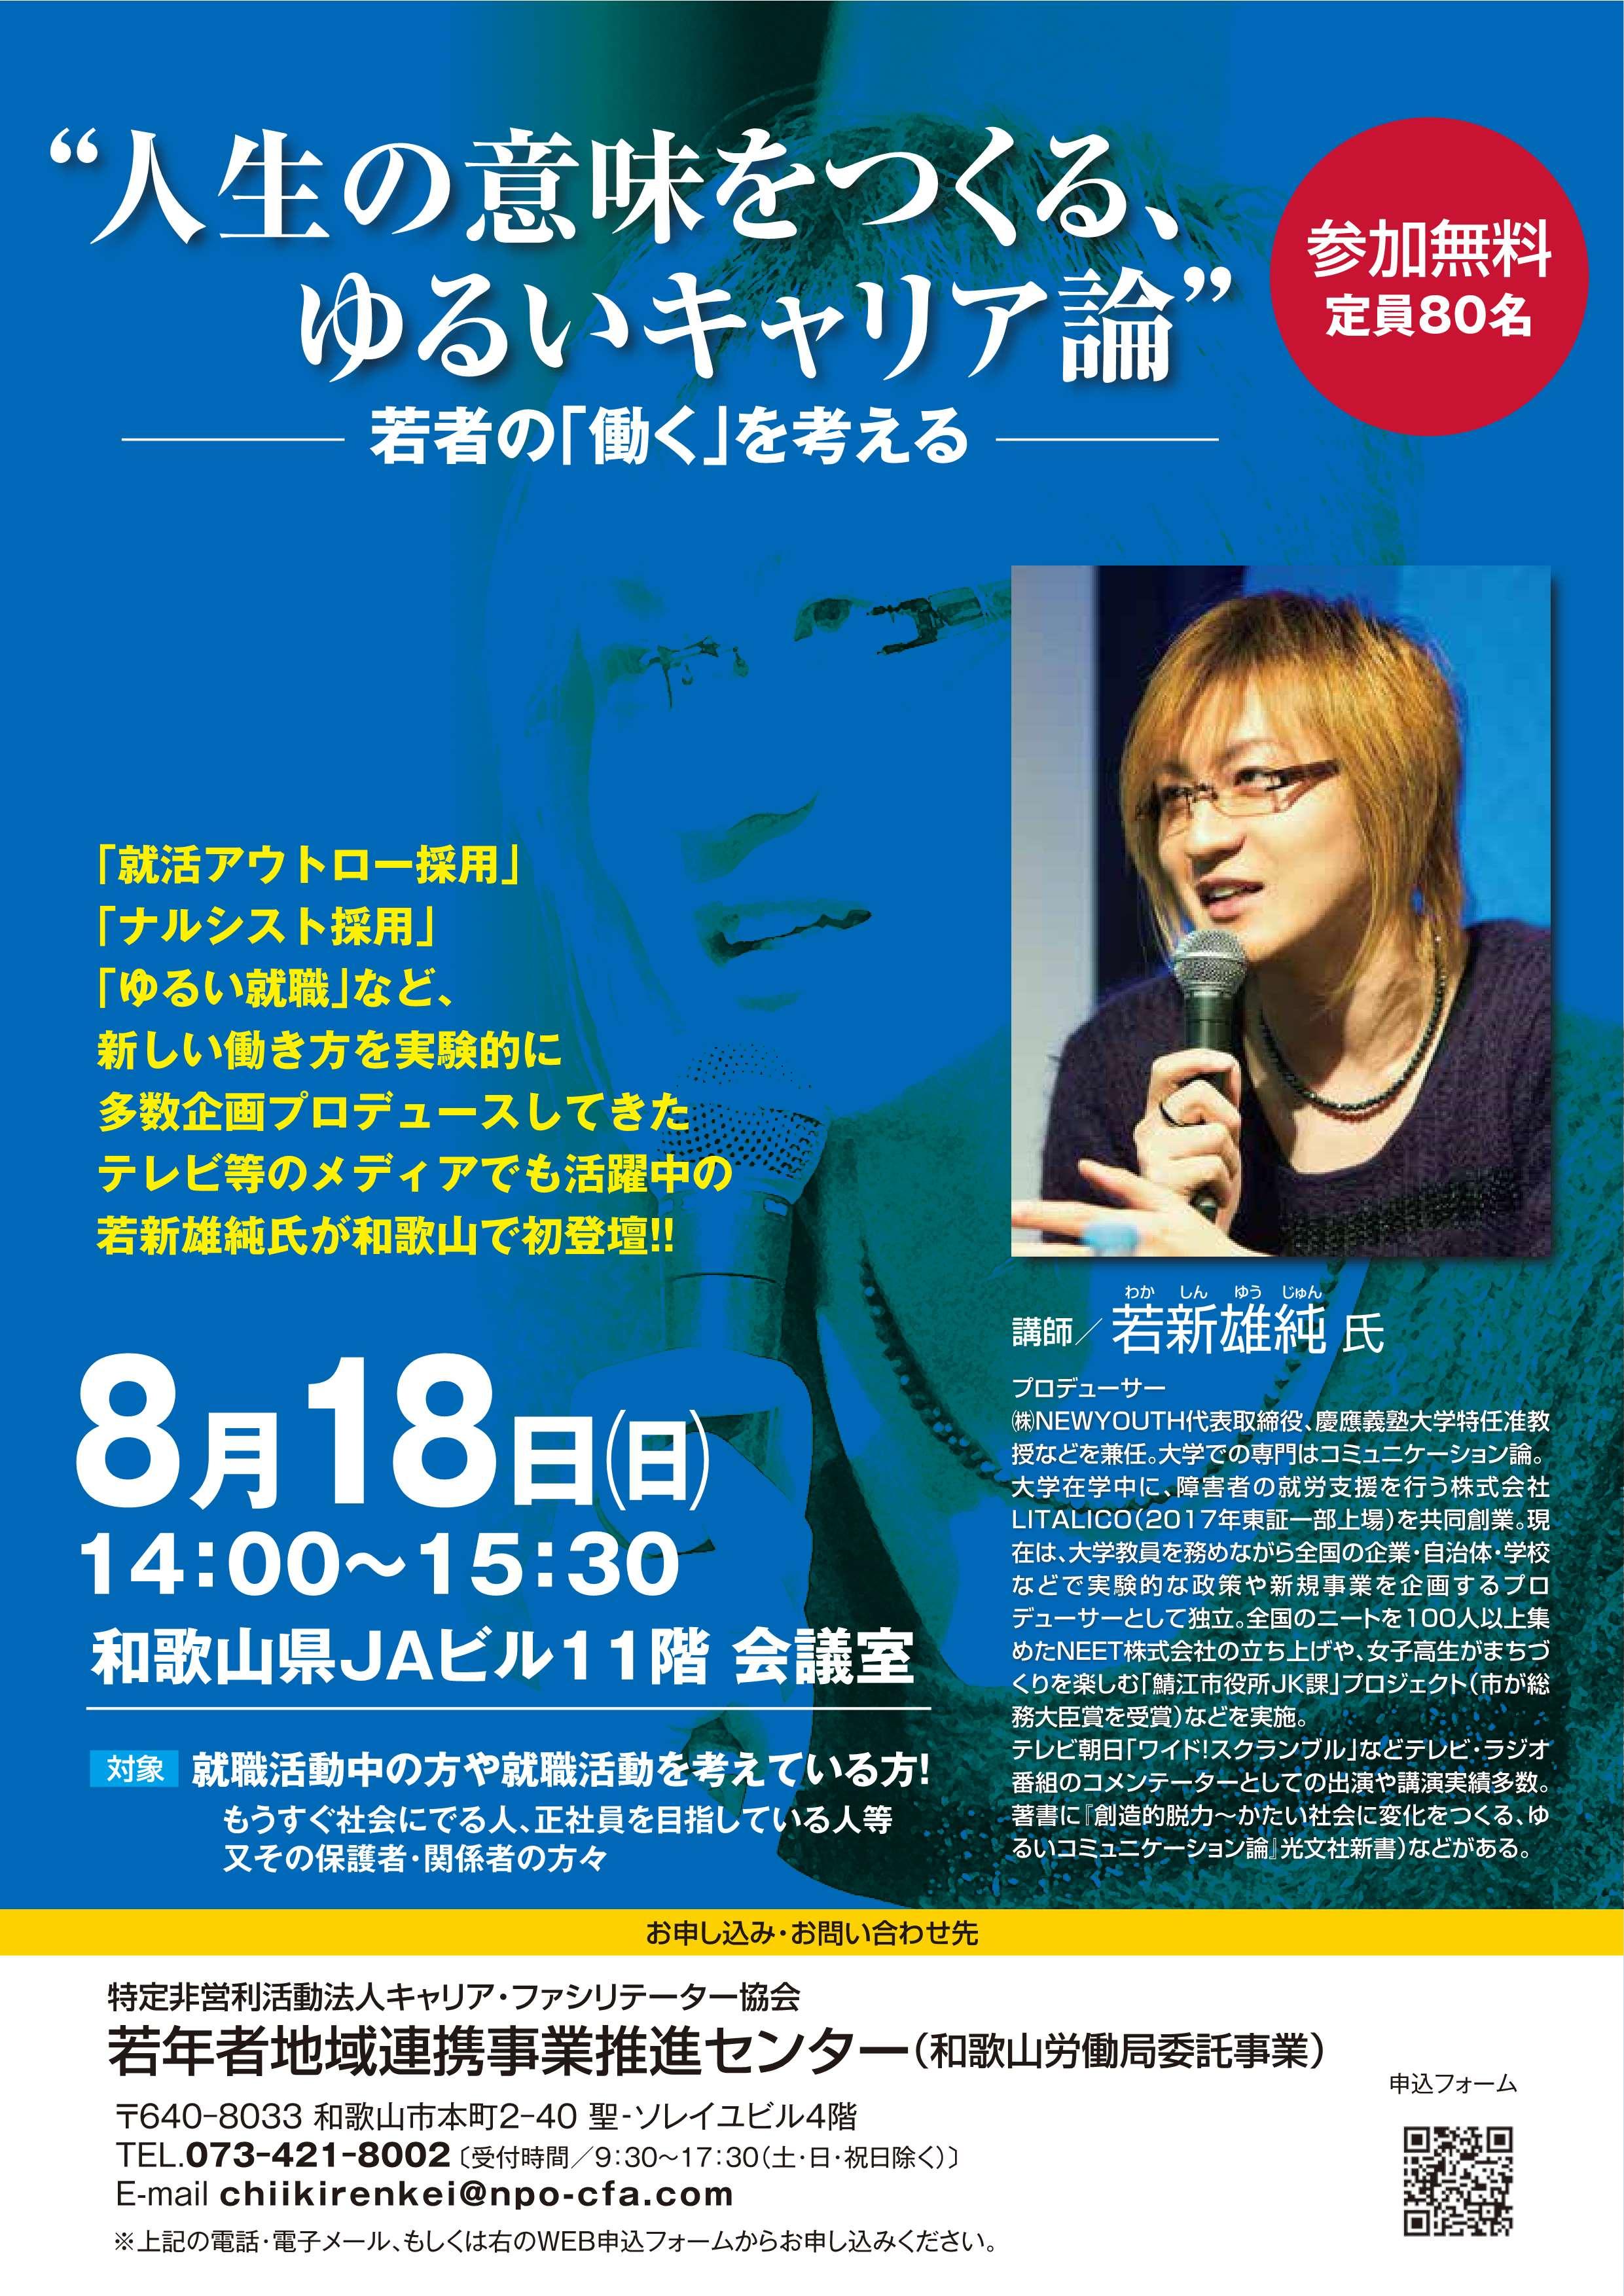 yuru_seminar_tirashi